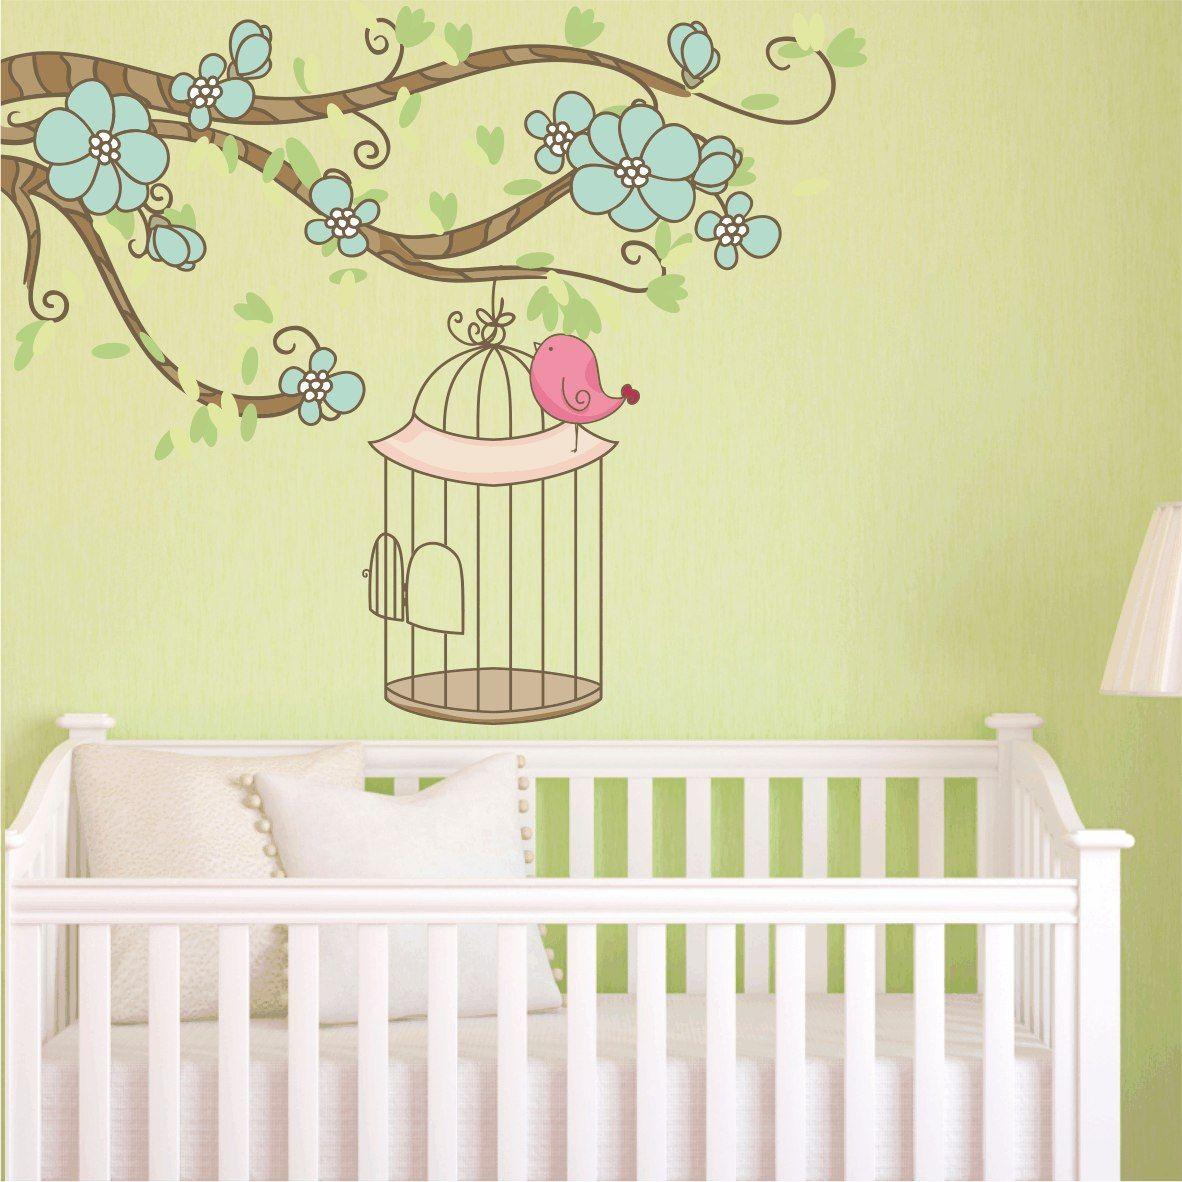 Vinilos Decorativos Infantiles Ikea - Ideas De Disenos - Ciboney.net